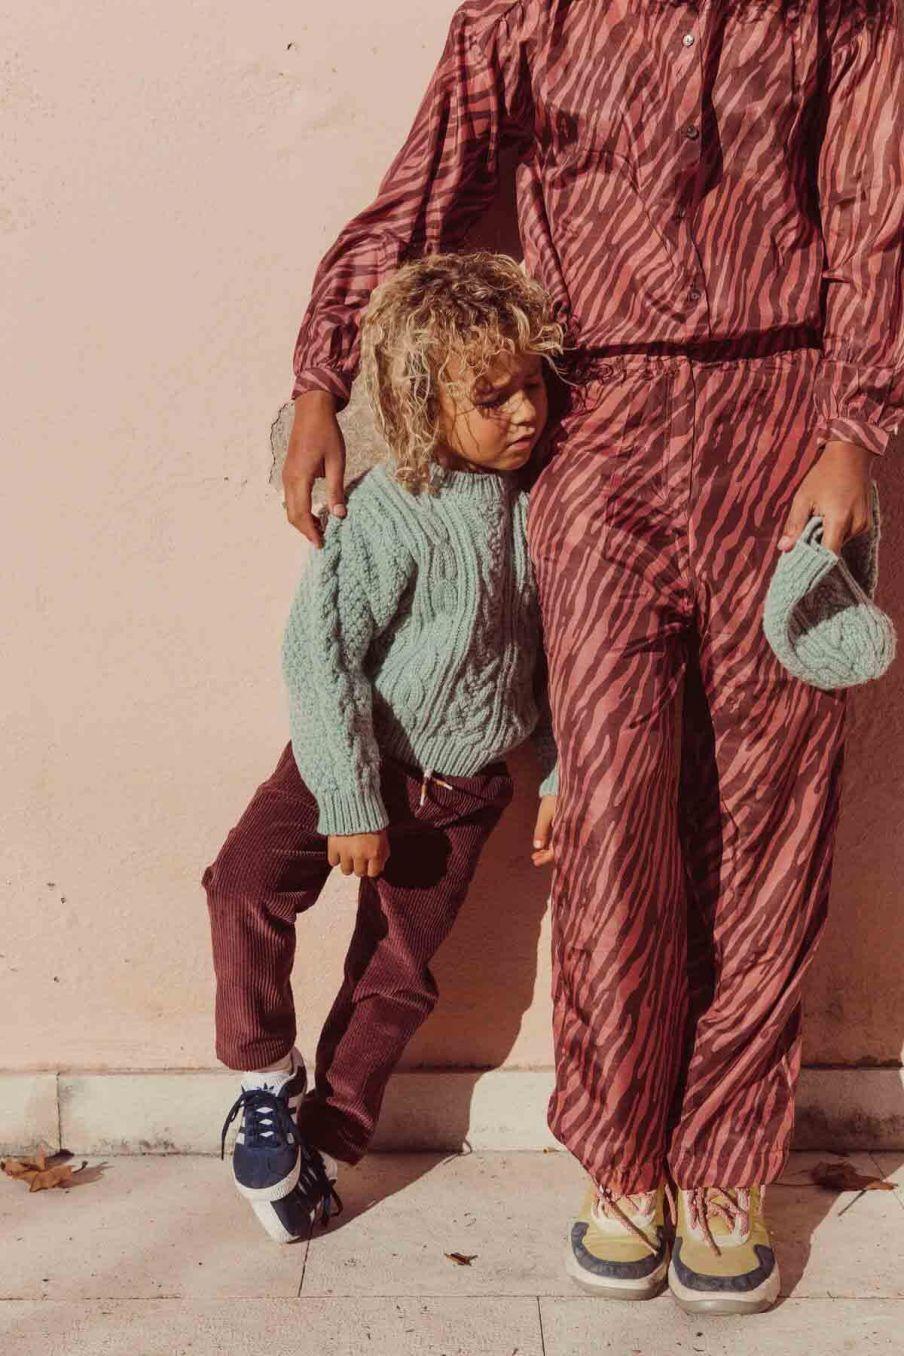 pantalon femme arloew sienna brush stripes - louise misha